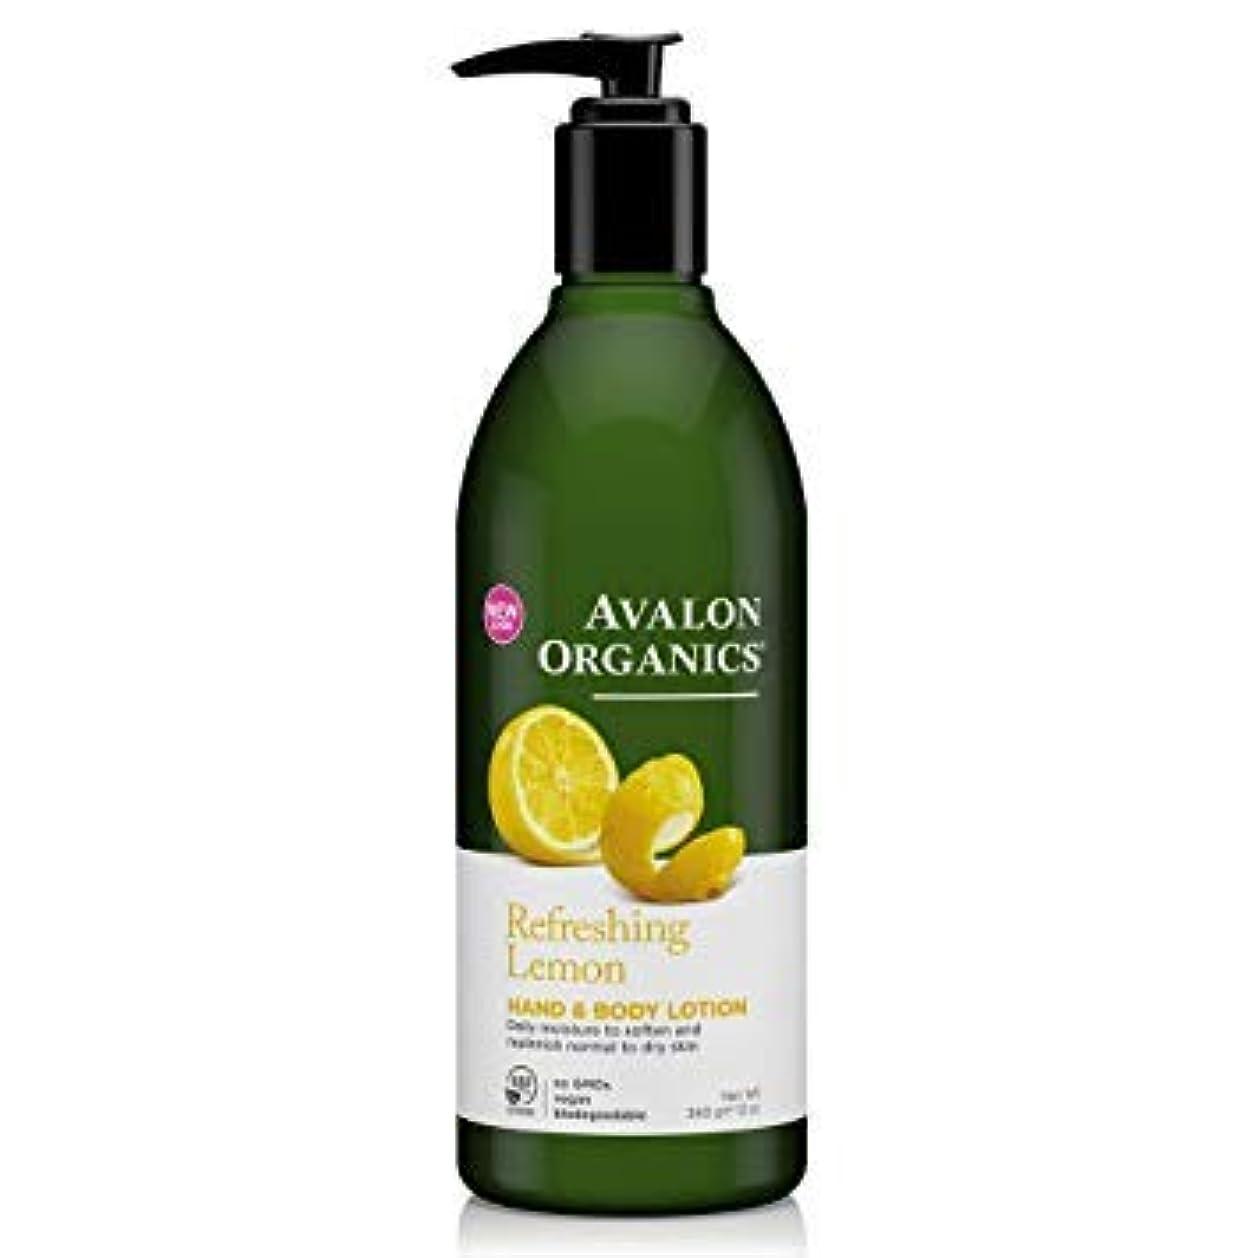 マリナー獣デッドロックAvalon Organics Lemon Hand & Body Lotion 340g (Pack of 2) - (Avalon) レモンハンド&ボディローション340グラム (x2) [並行輸入品]